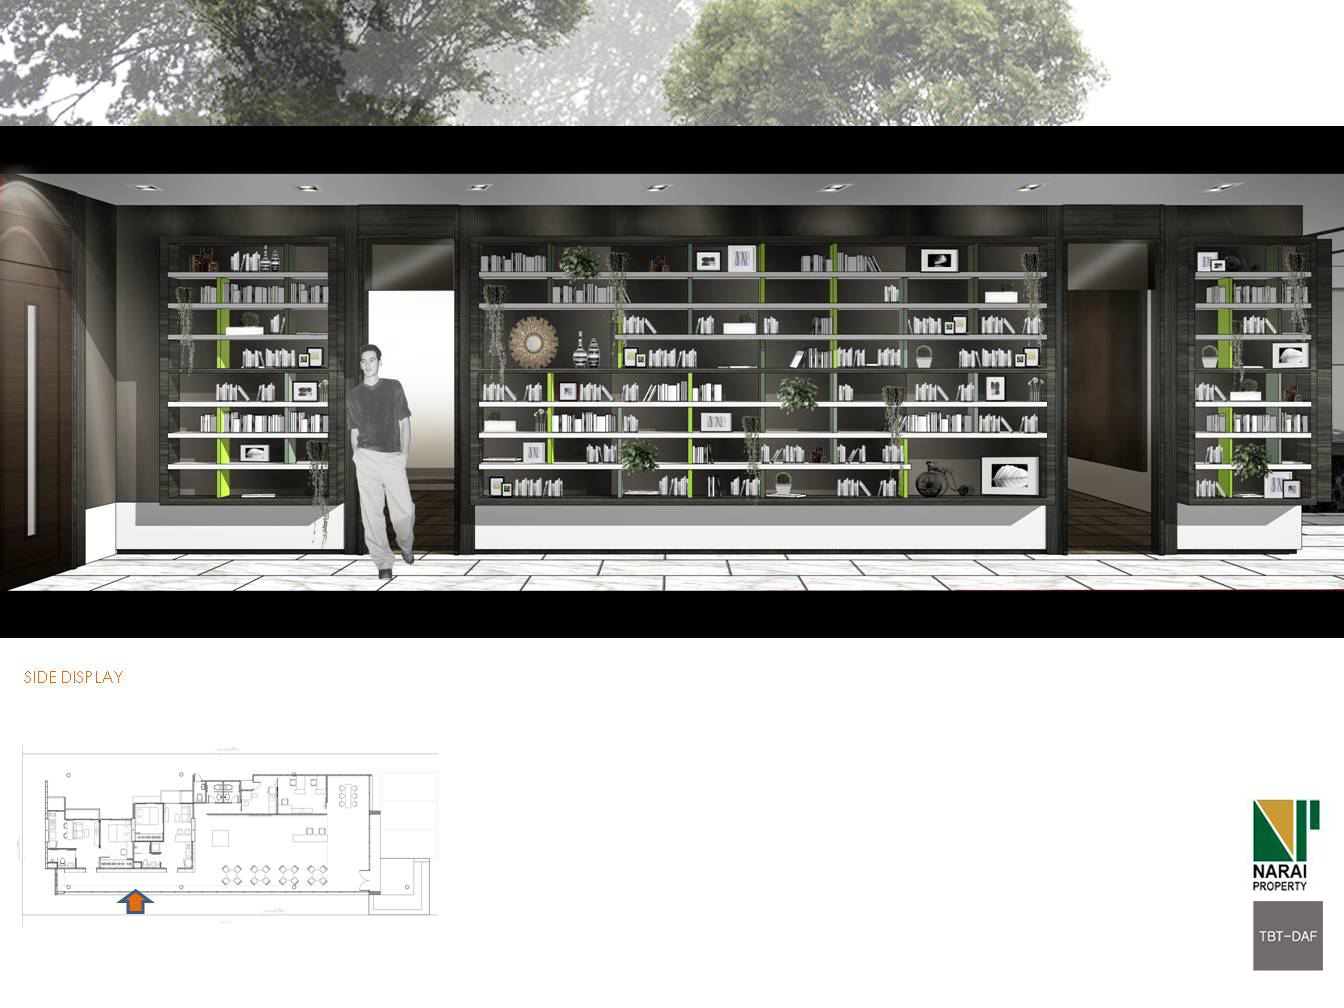 TBT-DAF interior parkland narai condominium 16